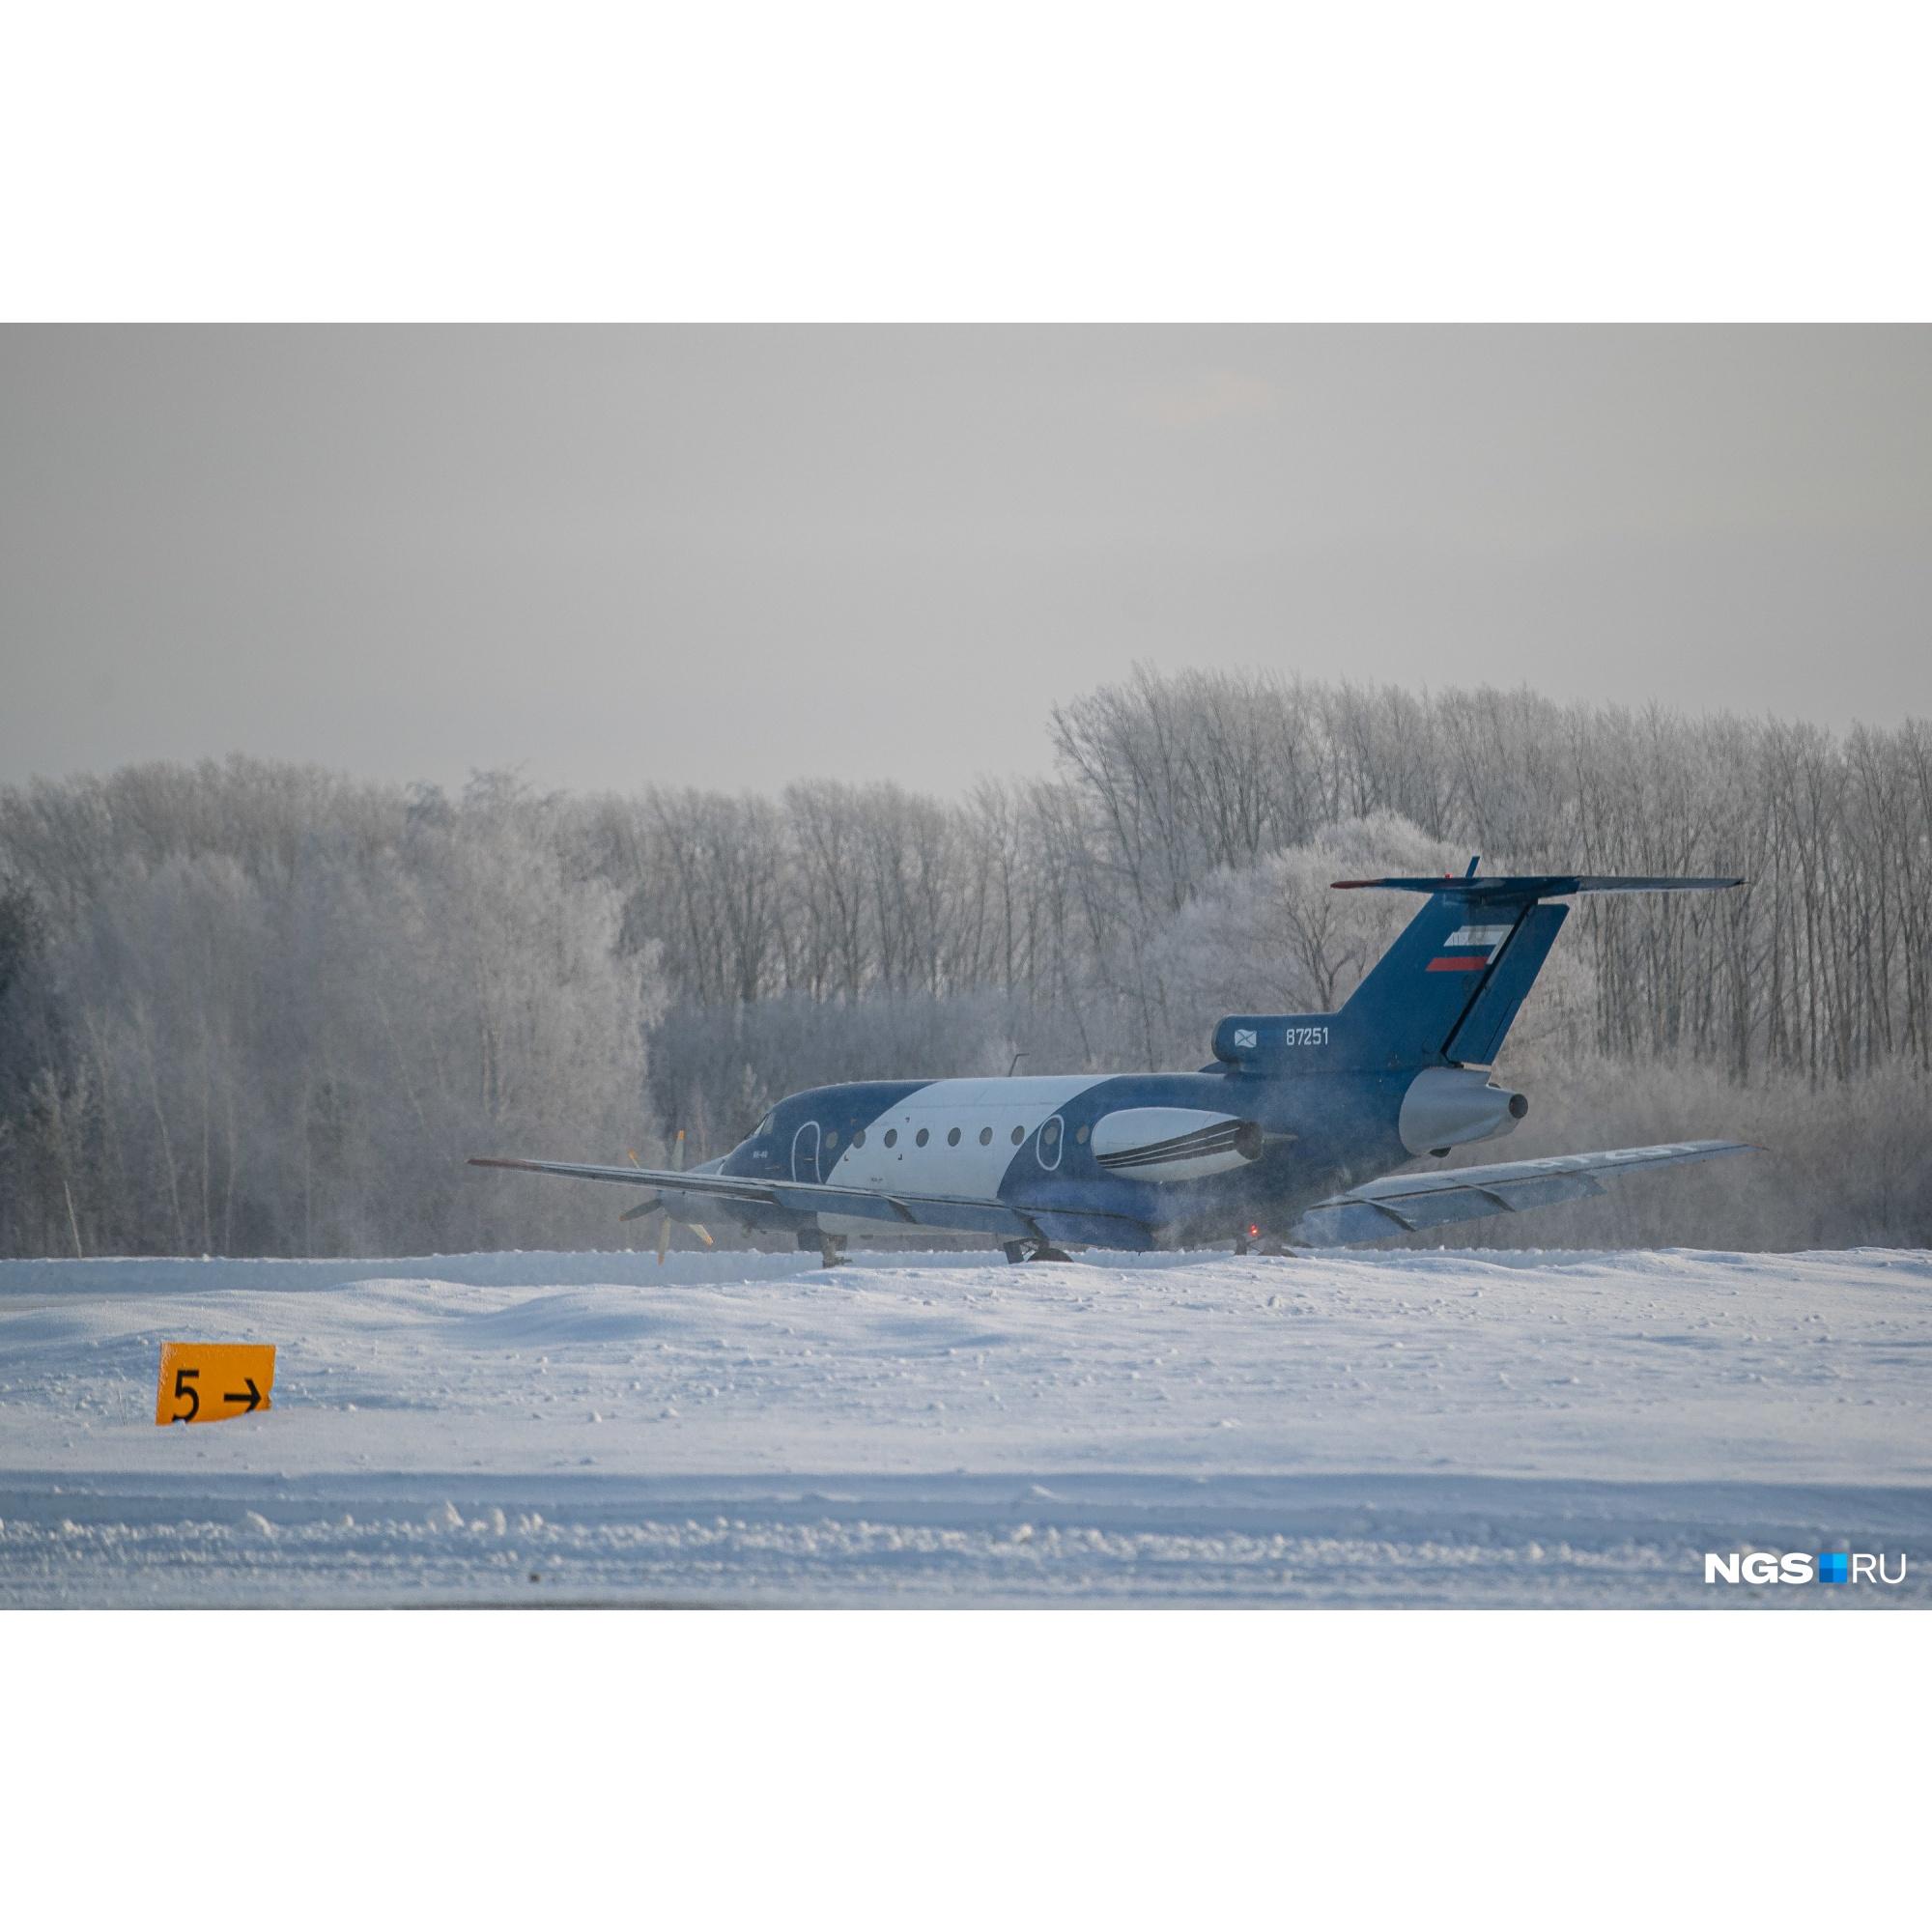 Самолет с включенным питанием электродвигателя на взлетно-посадочной полосе